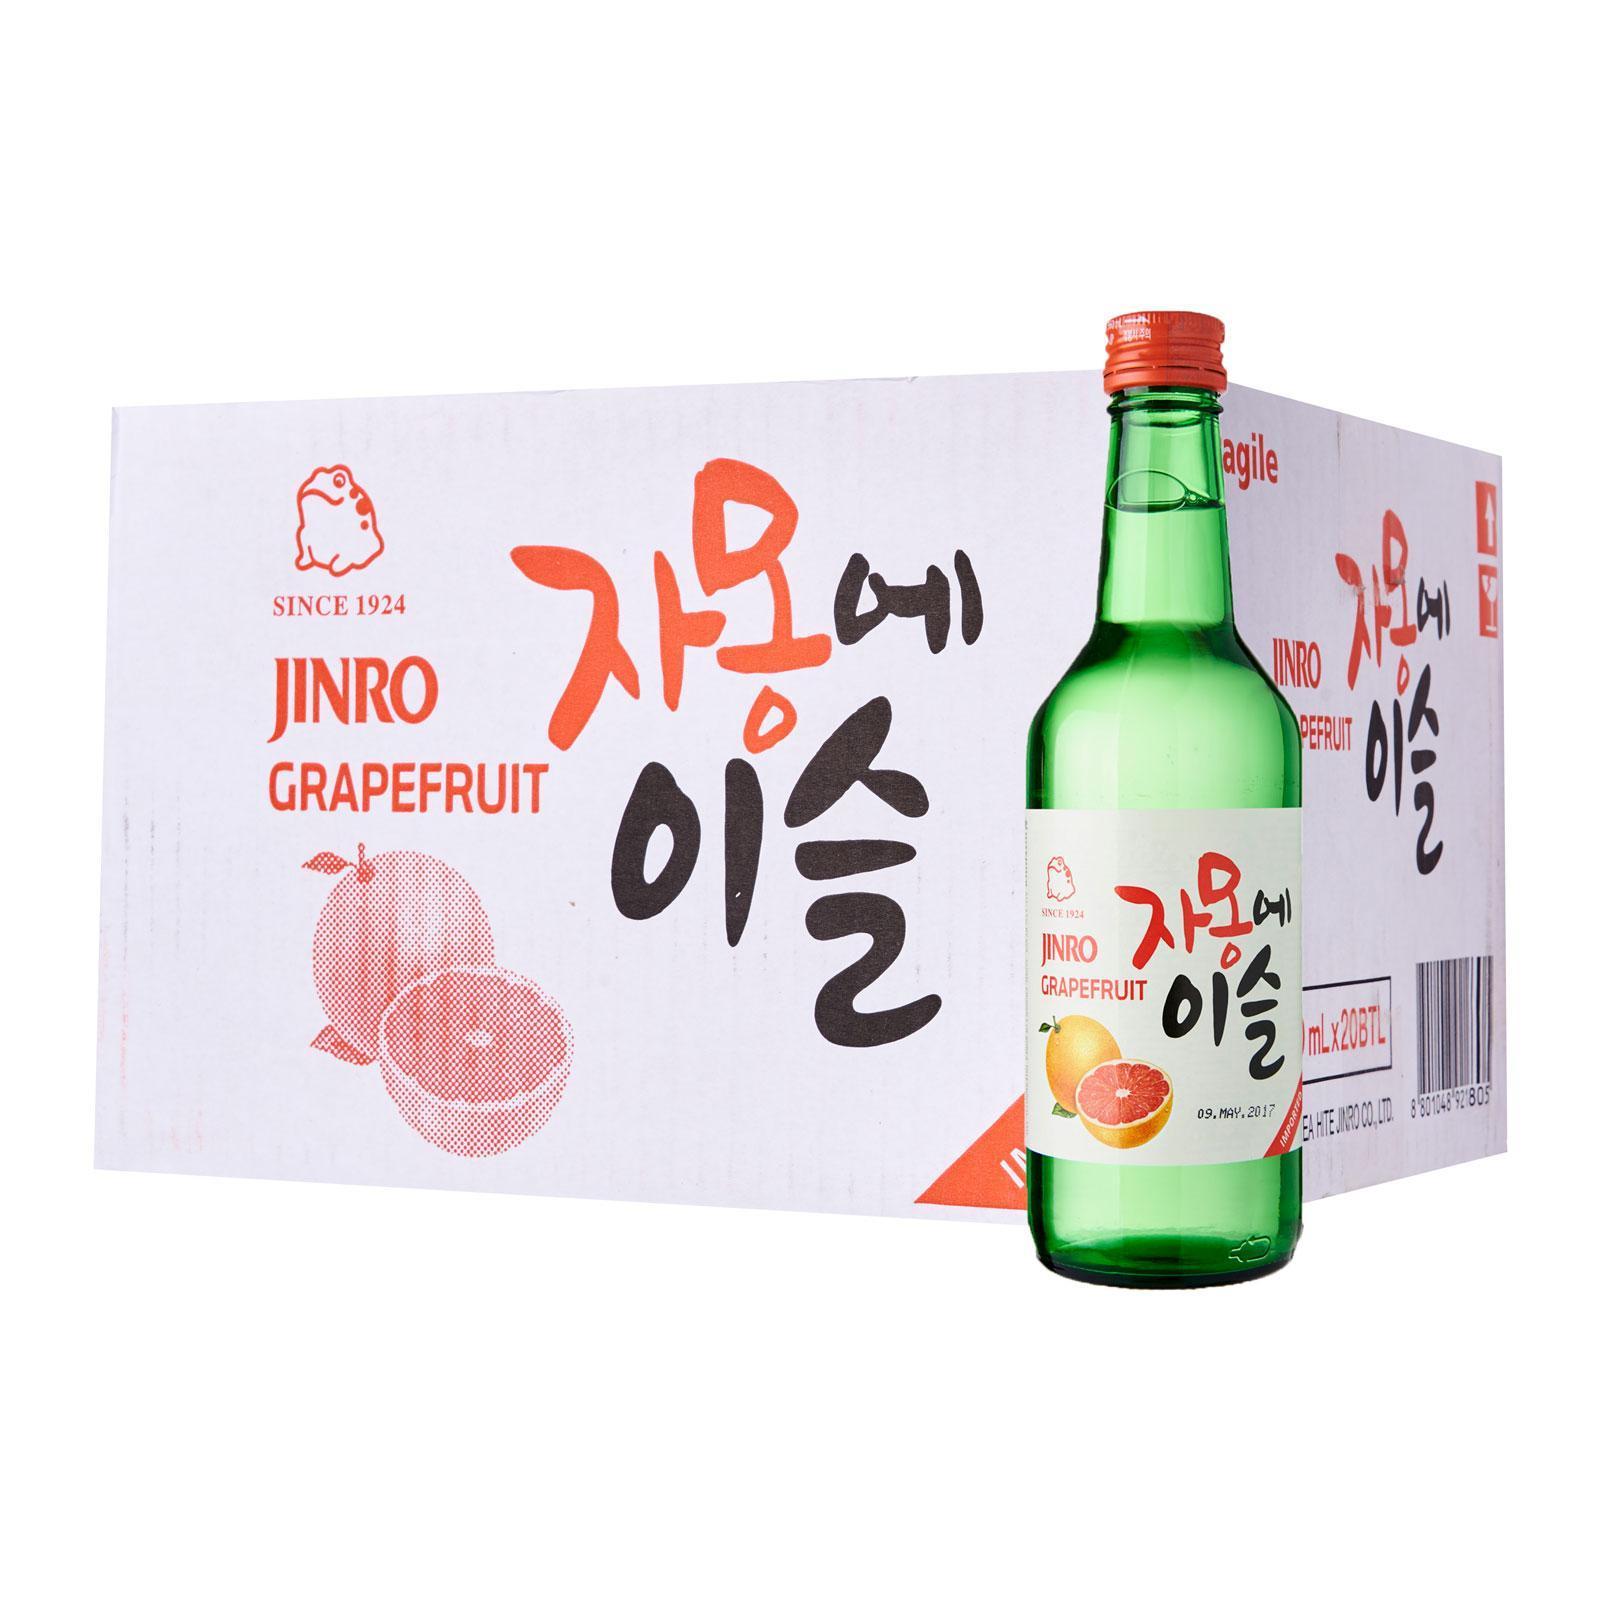 Jinro Grapefruit Soju Carton (20 Bottles) By Geonbae